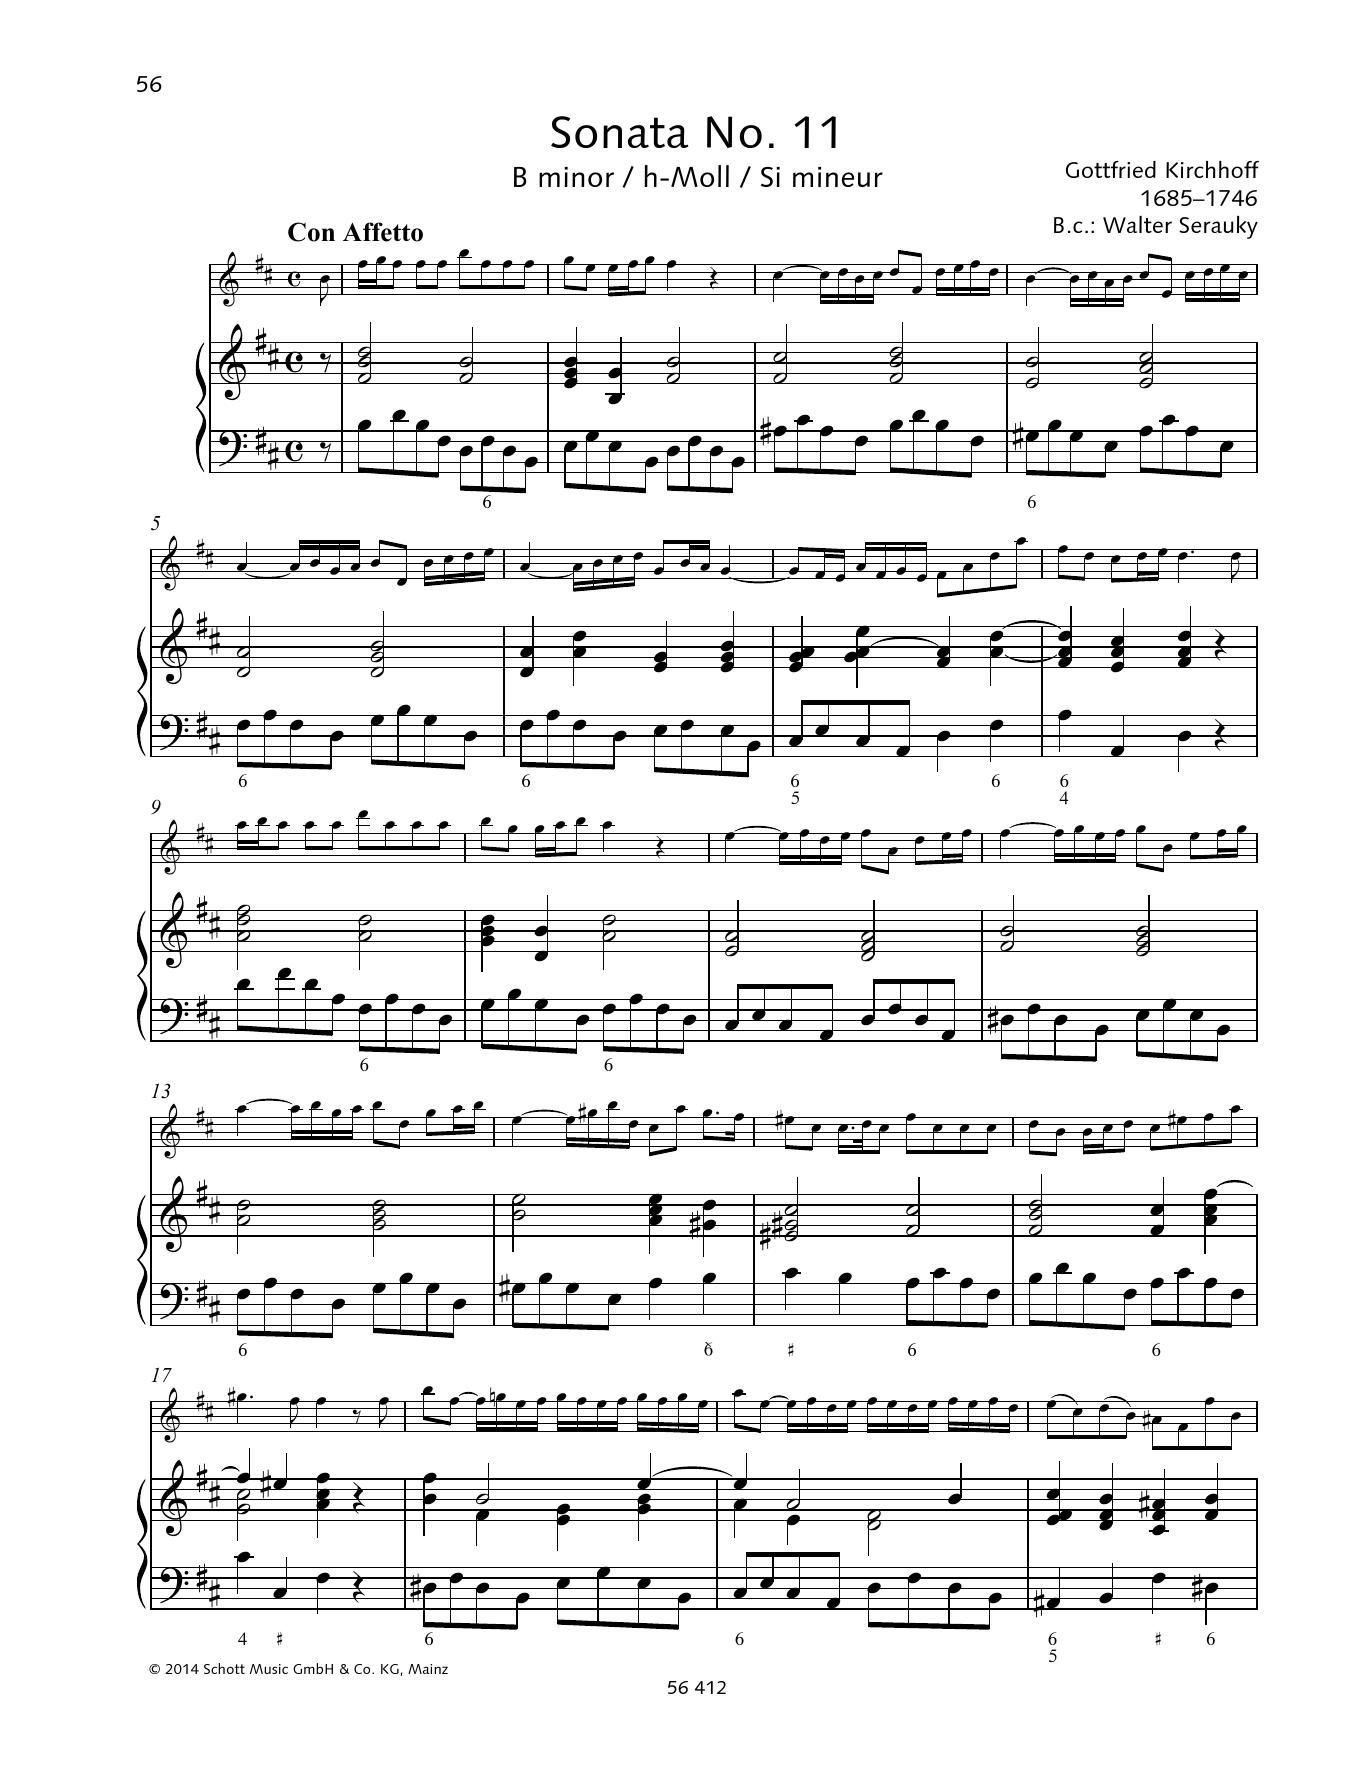 Sonata No. 11 B minor Sheet Music